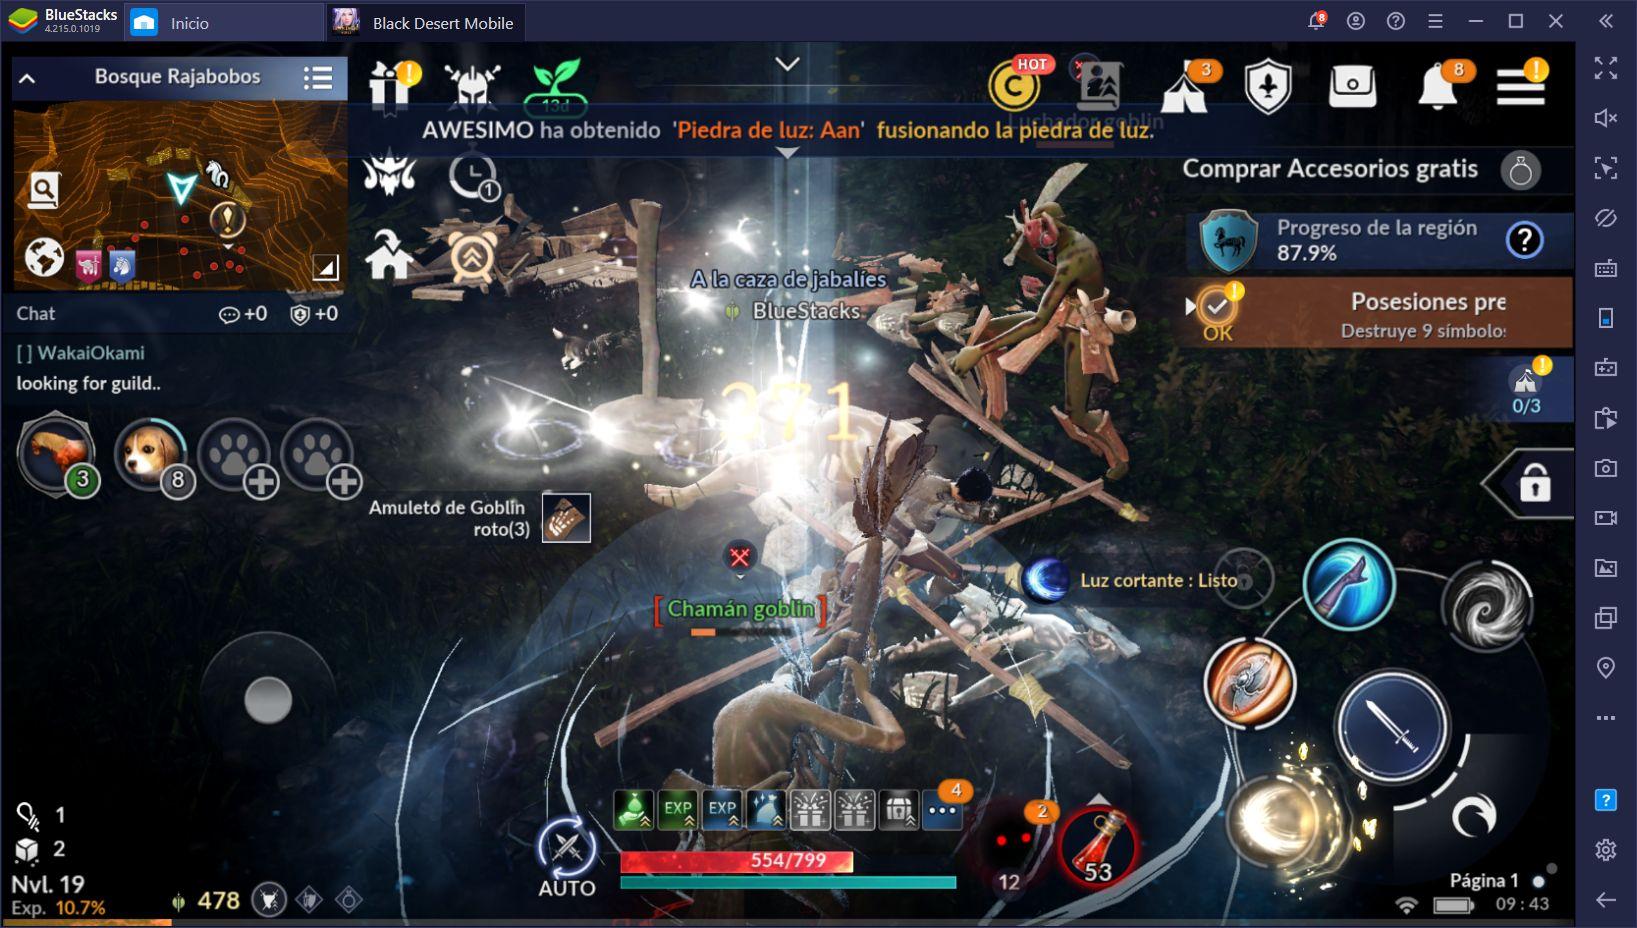 El Sistema de Despertar Llega a Black Desert Mobile en la Actualización Más Reciente